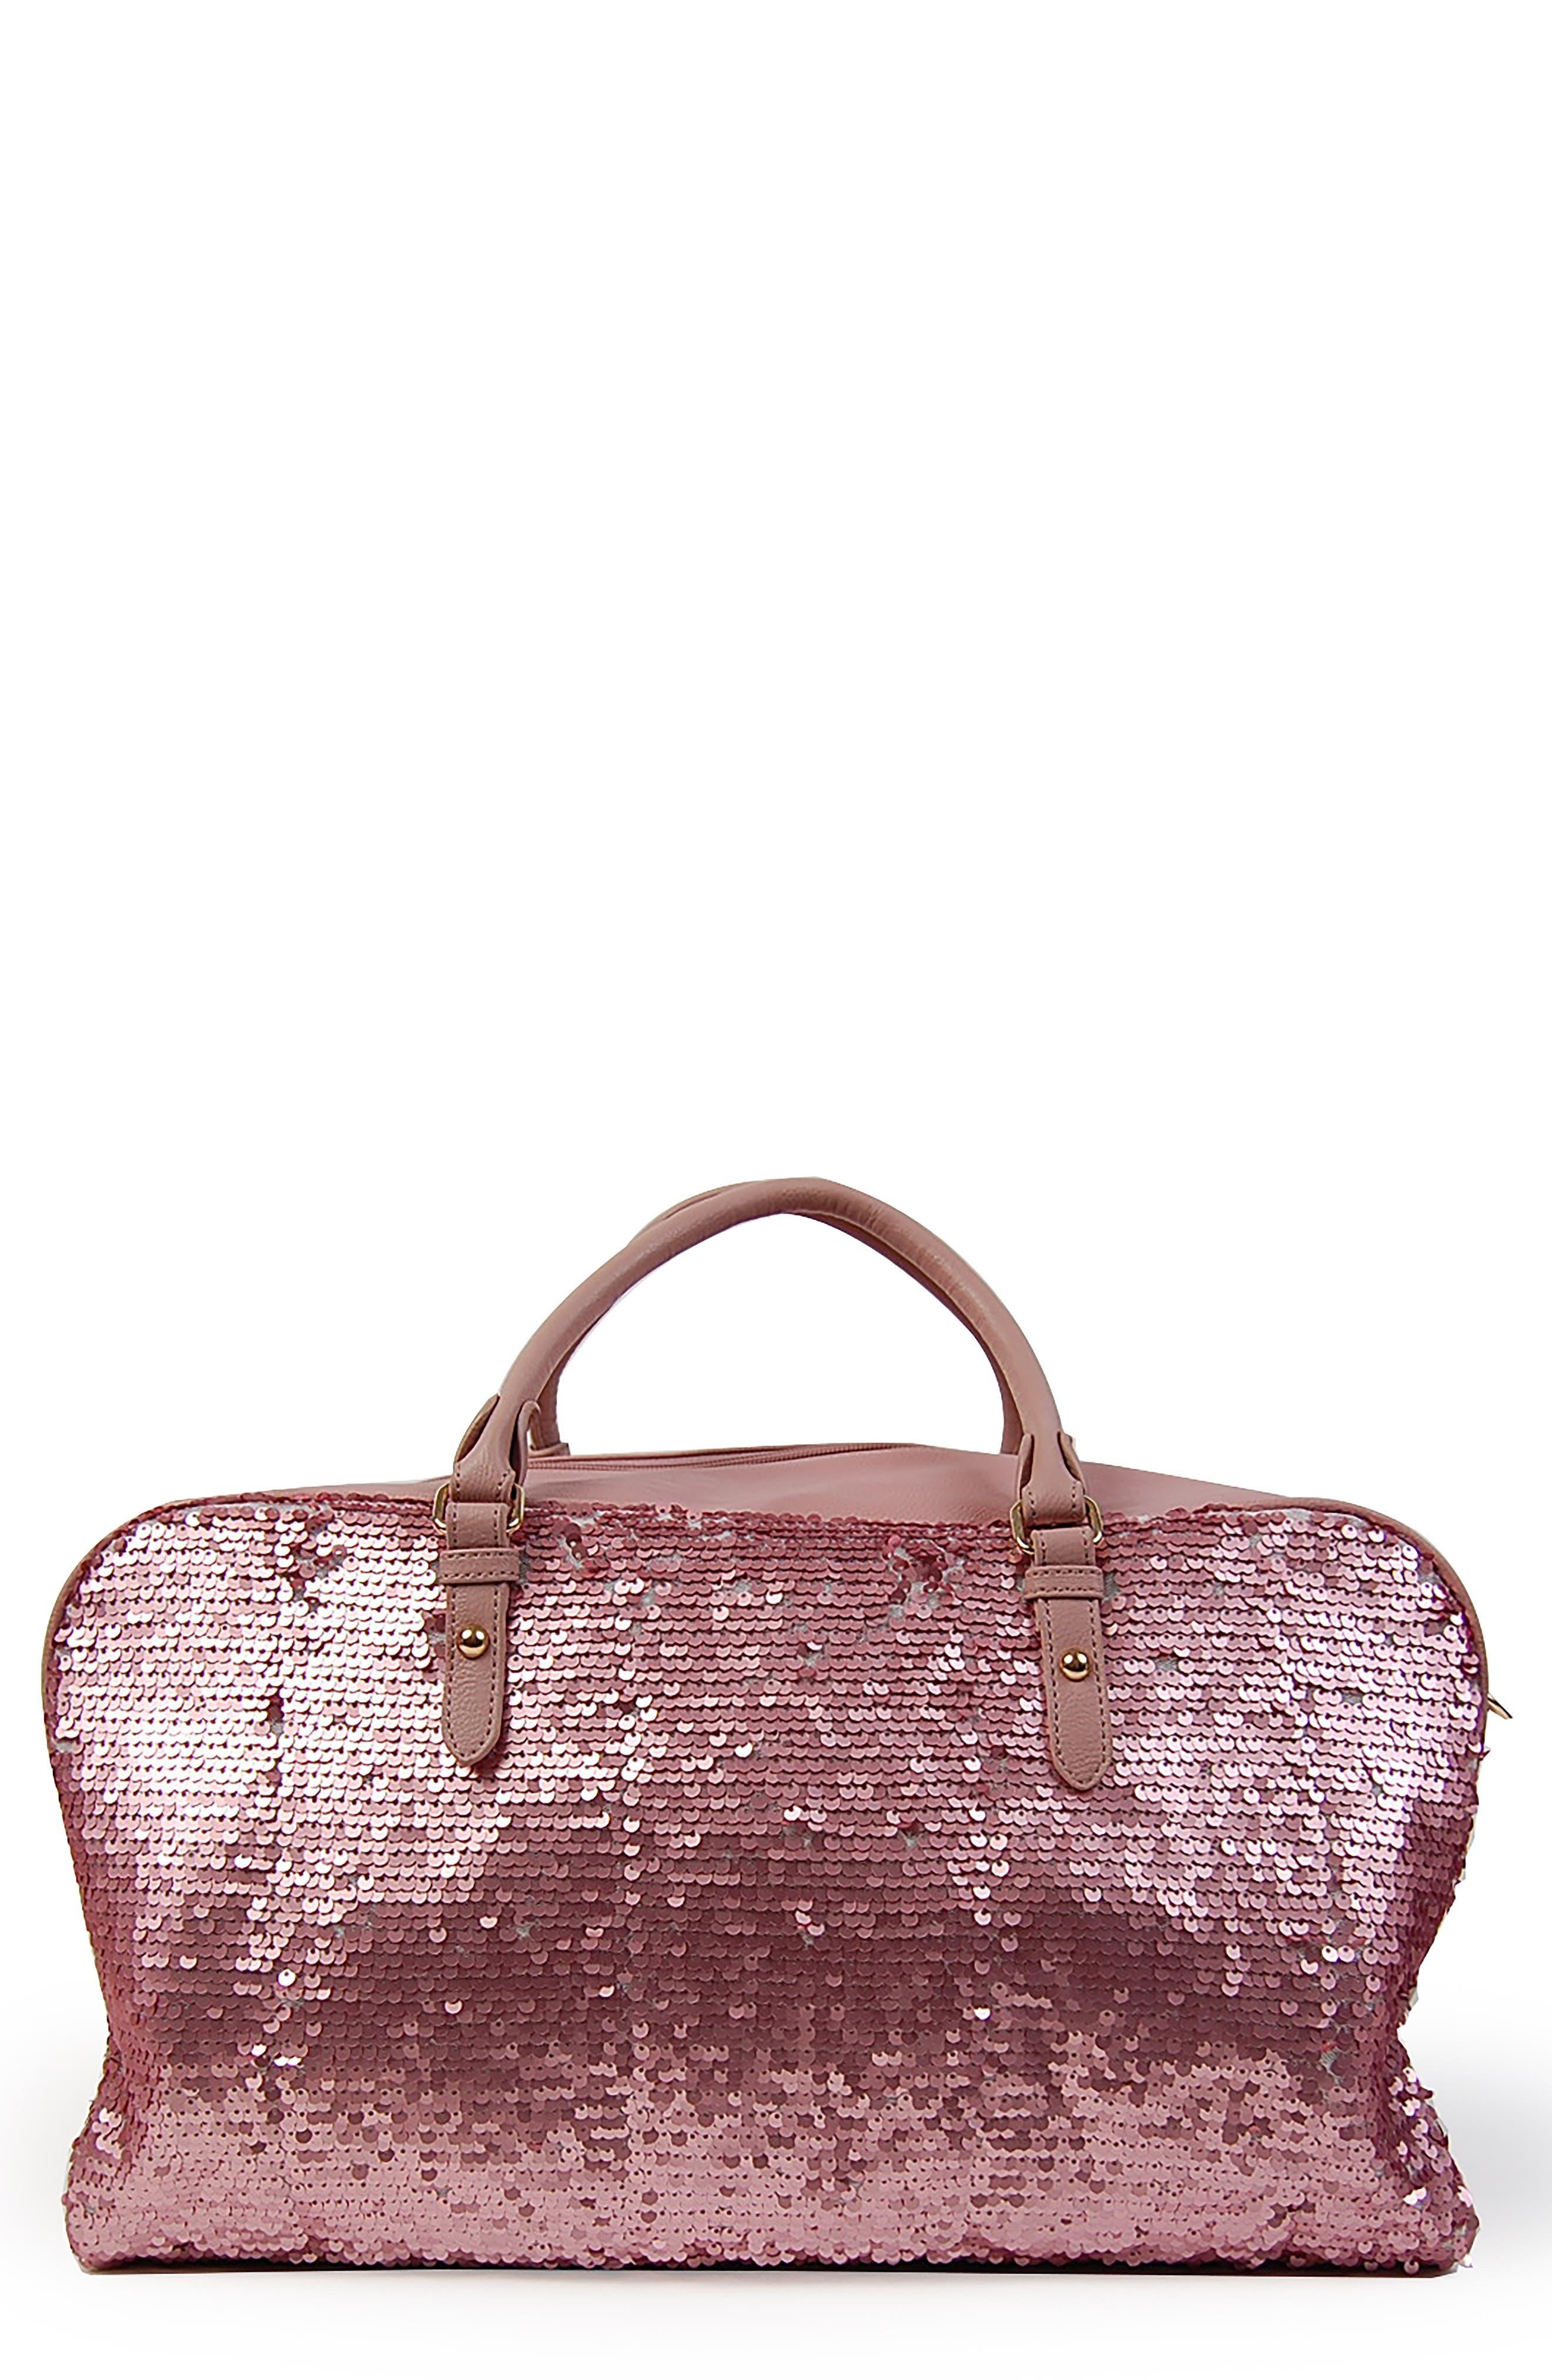 Sequin Duffel Bag, Main, color, MAUVE